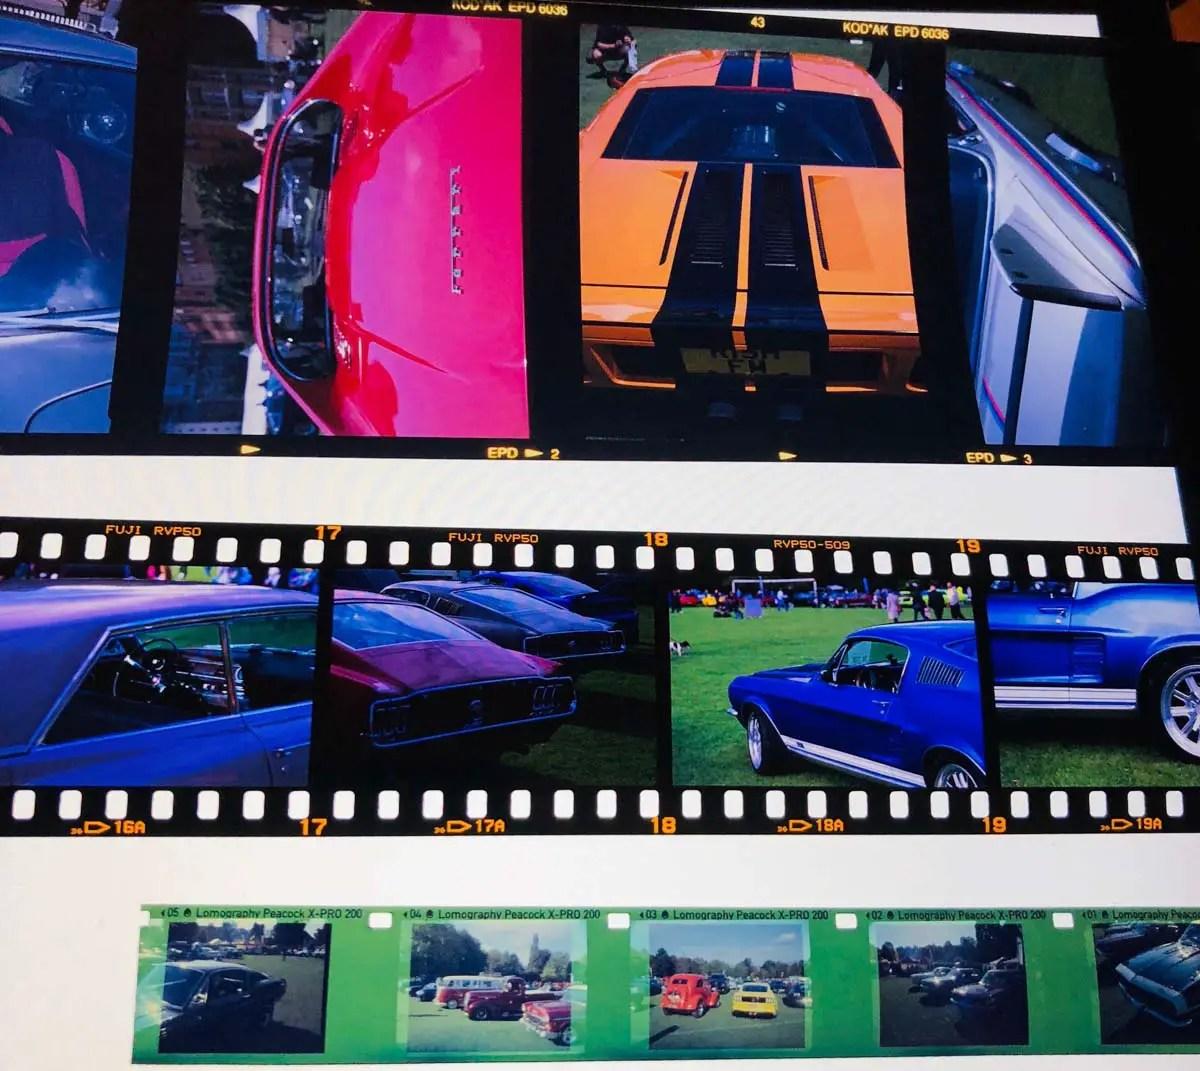 120 format, 35mm format and 110 format slides!